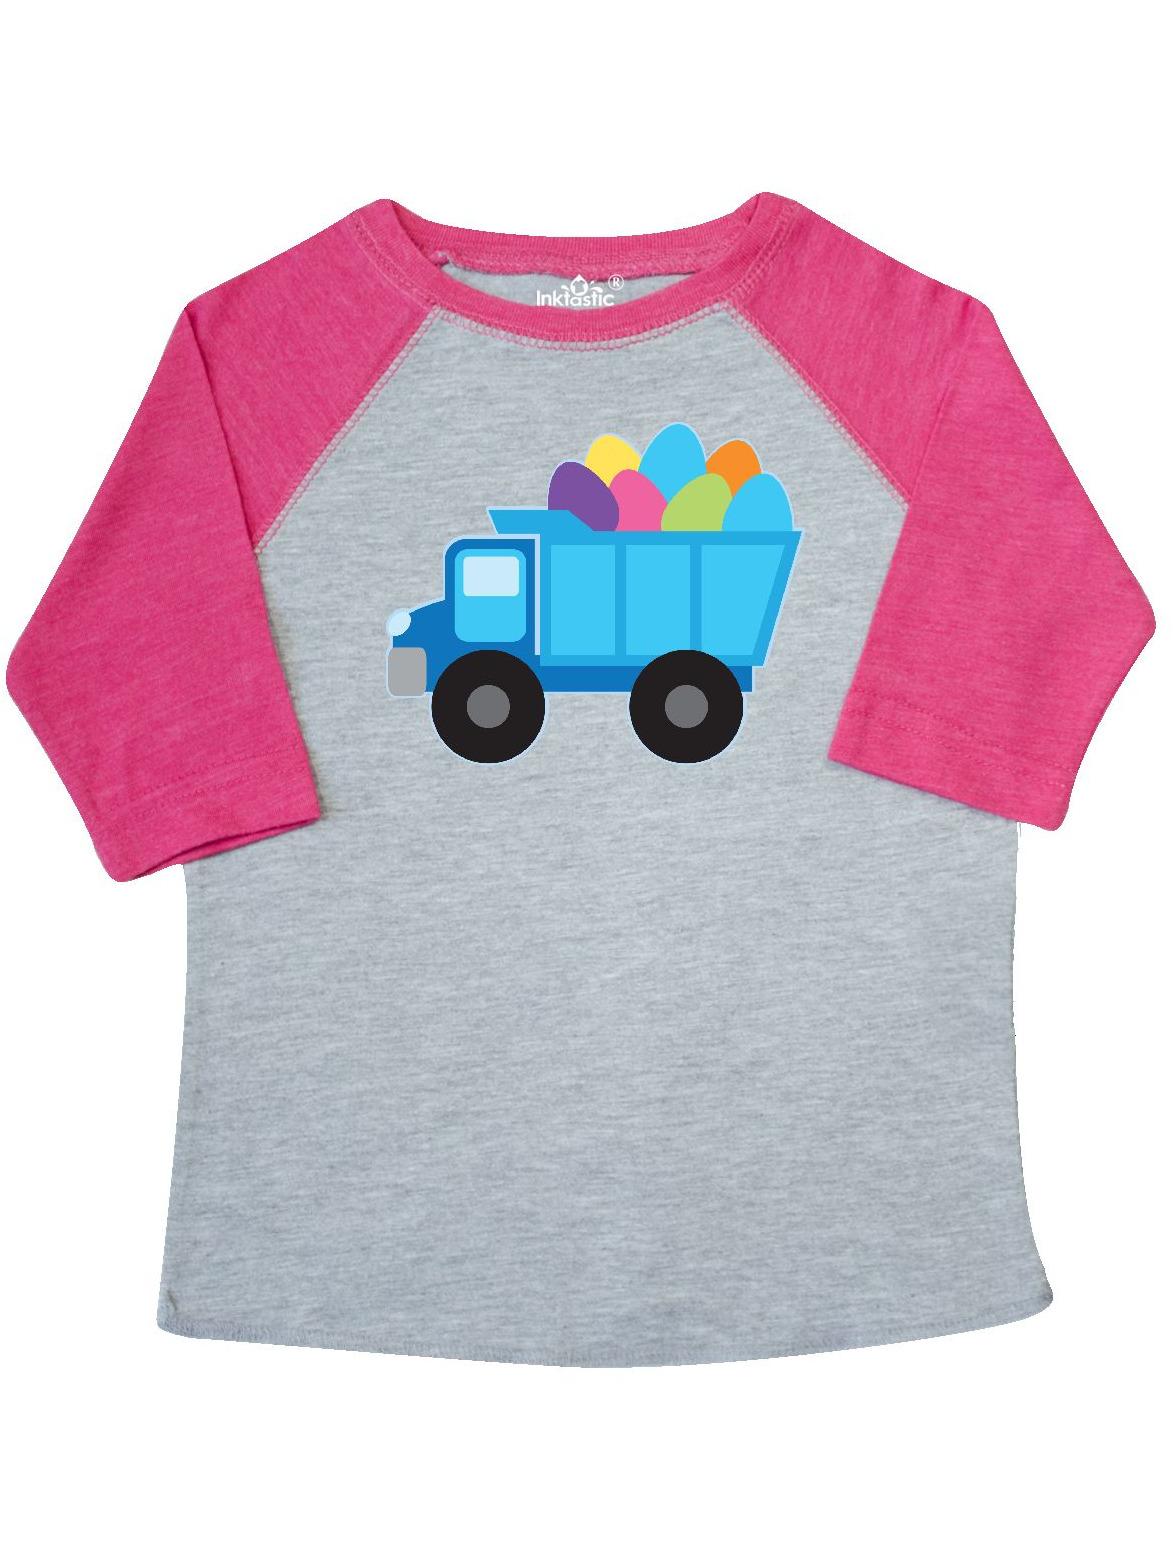 Easter Egg Truck Boys Toddler T-Shirt